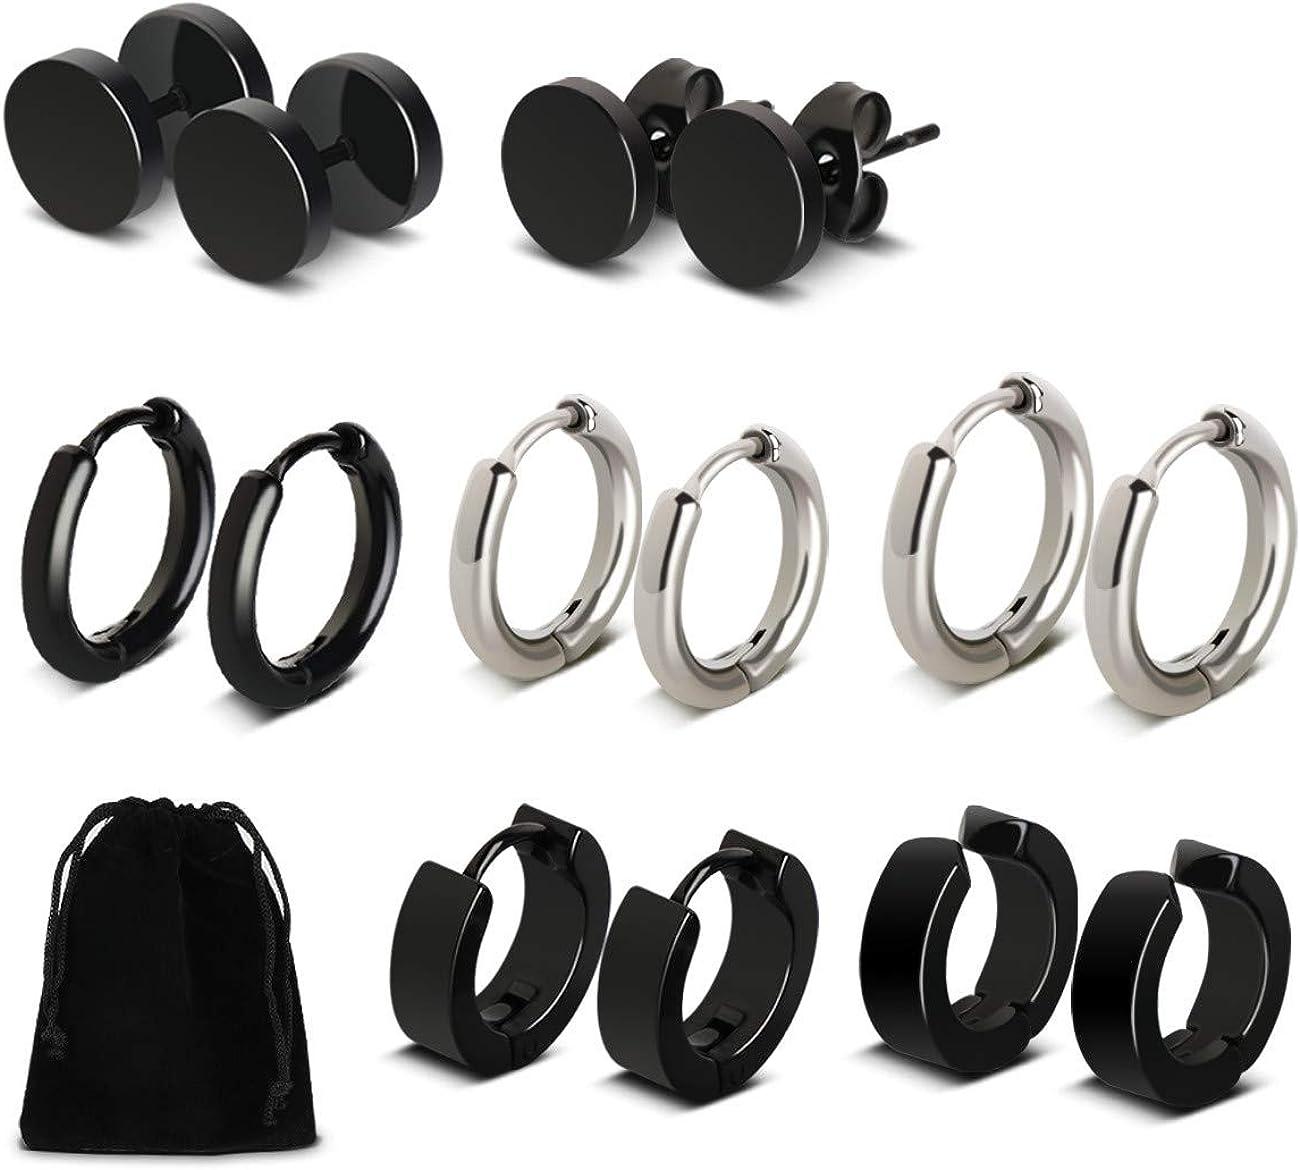 Pendientes de Aros de Acero Inoxidable 7 pares Negro para Hombres y Mujeres Zarcillos con piercing de redondo Moda Joyería Pendientes